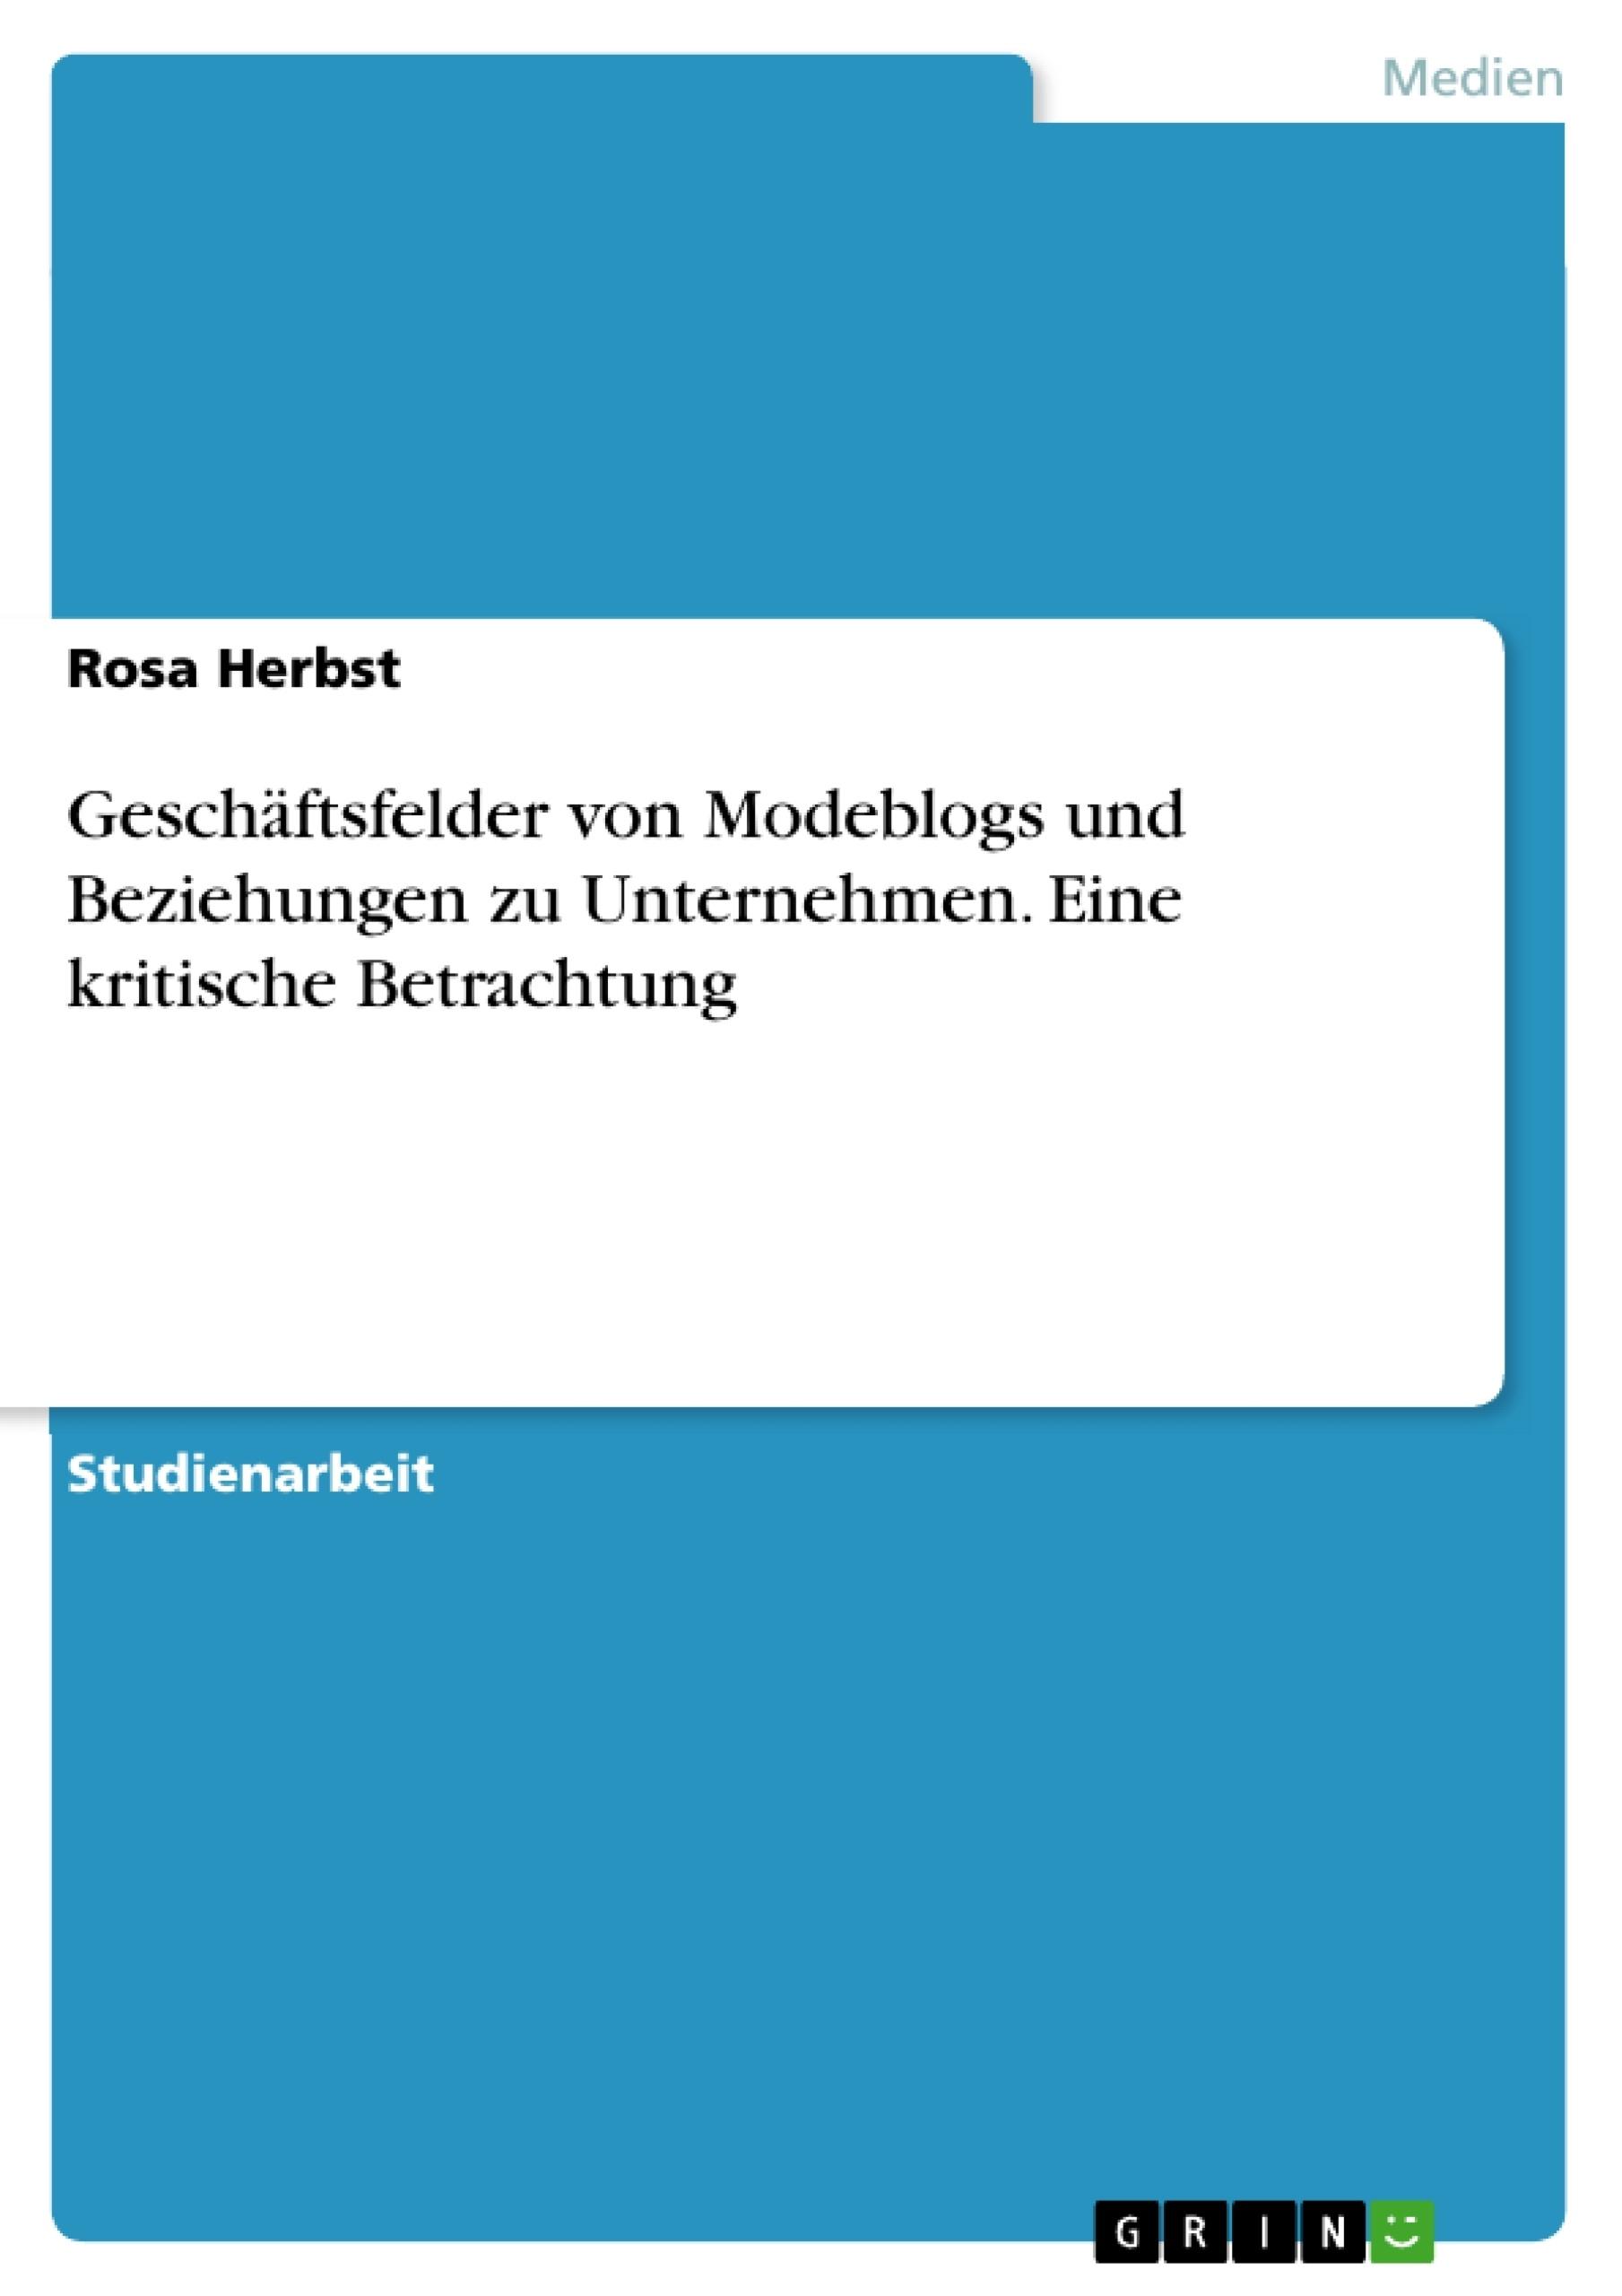 Titel: Geschäftsfelder von Modeblogs und Beziehungen zu Unternehmen. Eine kritische Betrachtung